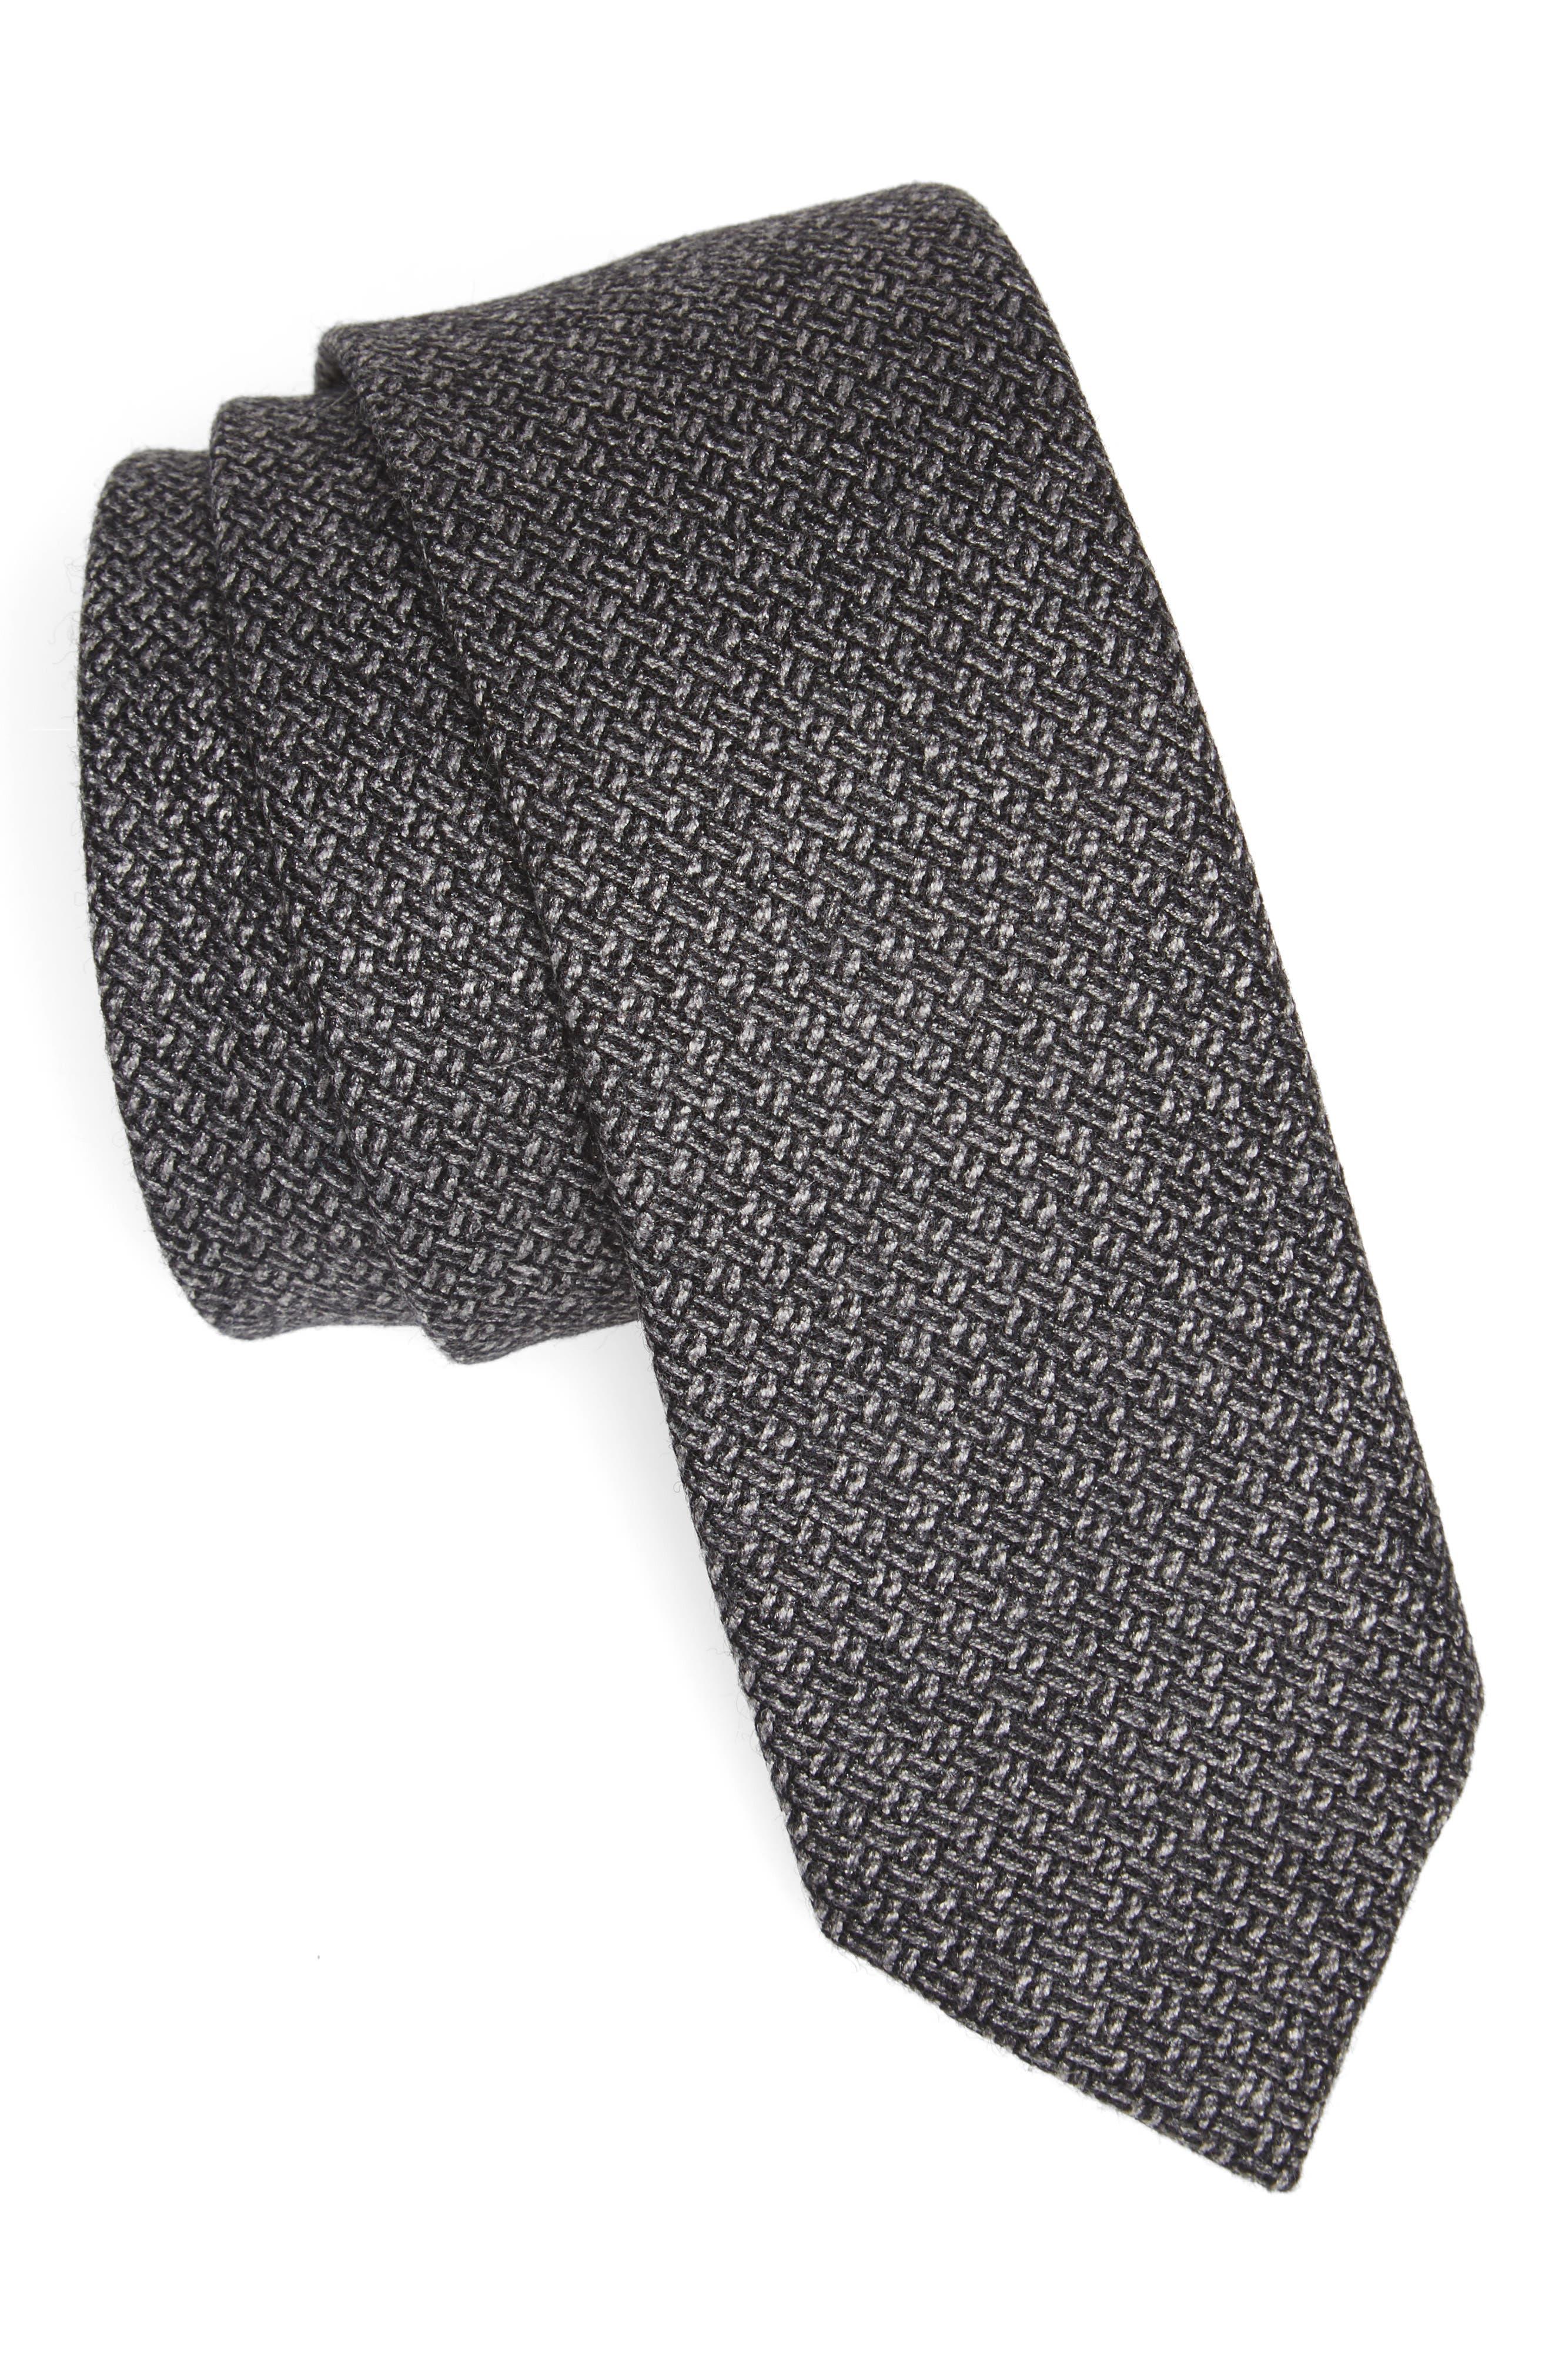 Main Image - The Tie Bar Blackboard Wool Skinny Tie